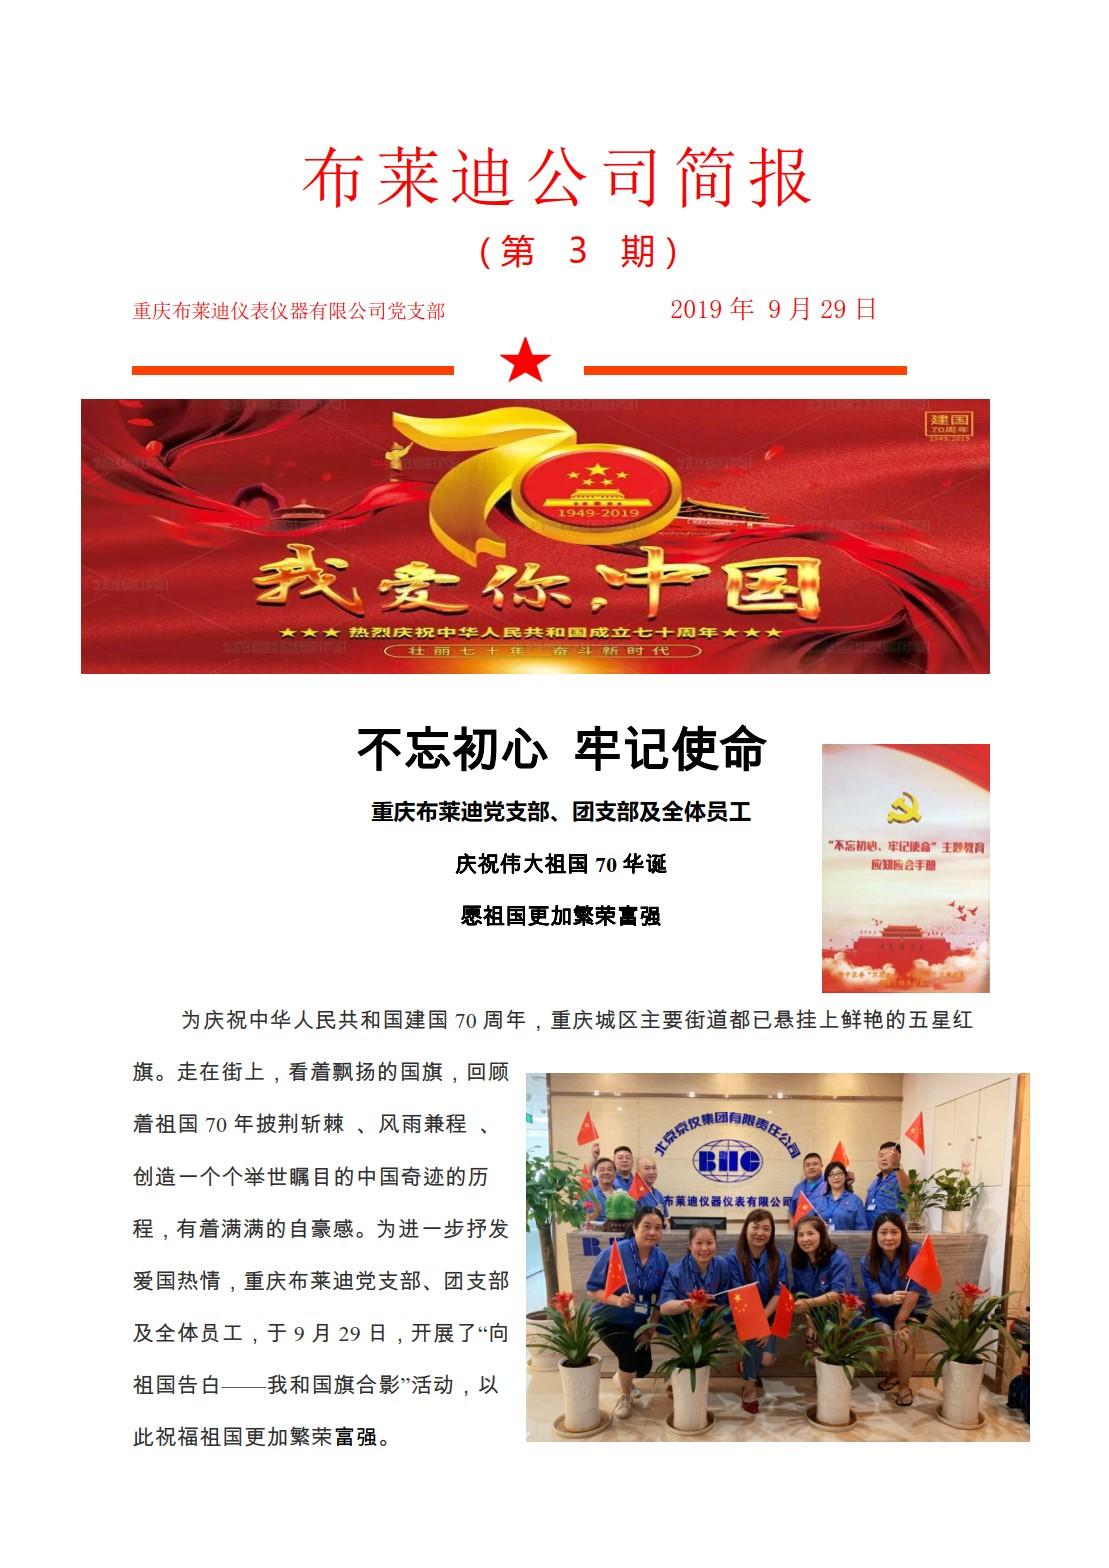 重庆布莱迪庆有限公司祝祖国母亲72周年华诞(图1)